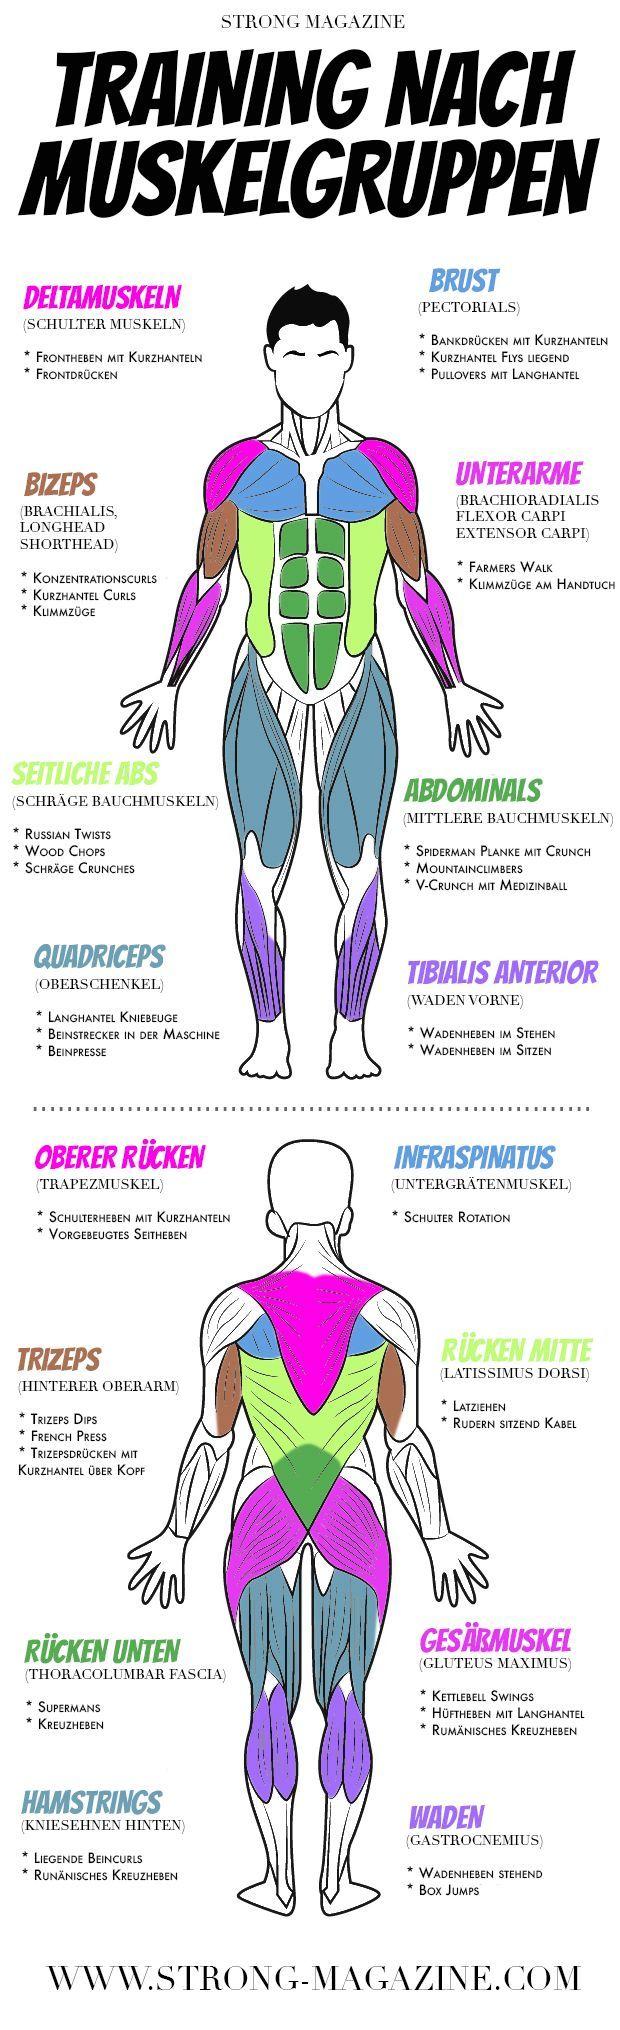 Training nach Muskelgruppen - Infografik mit Fitness Übungen für ...